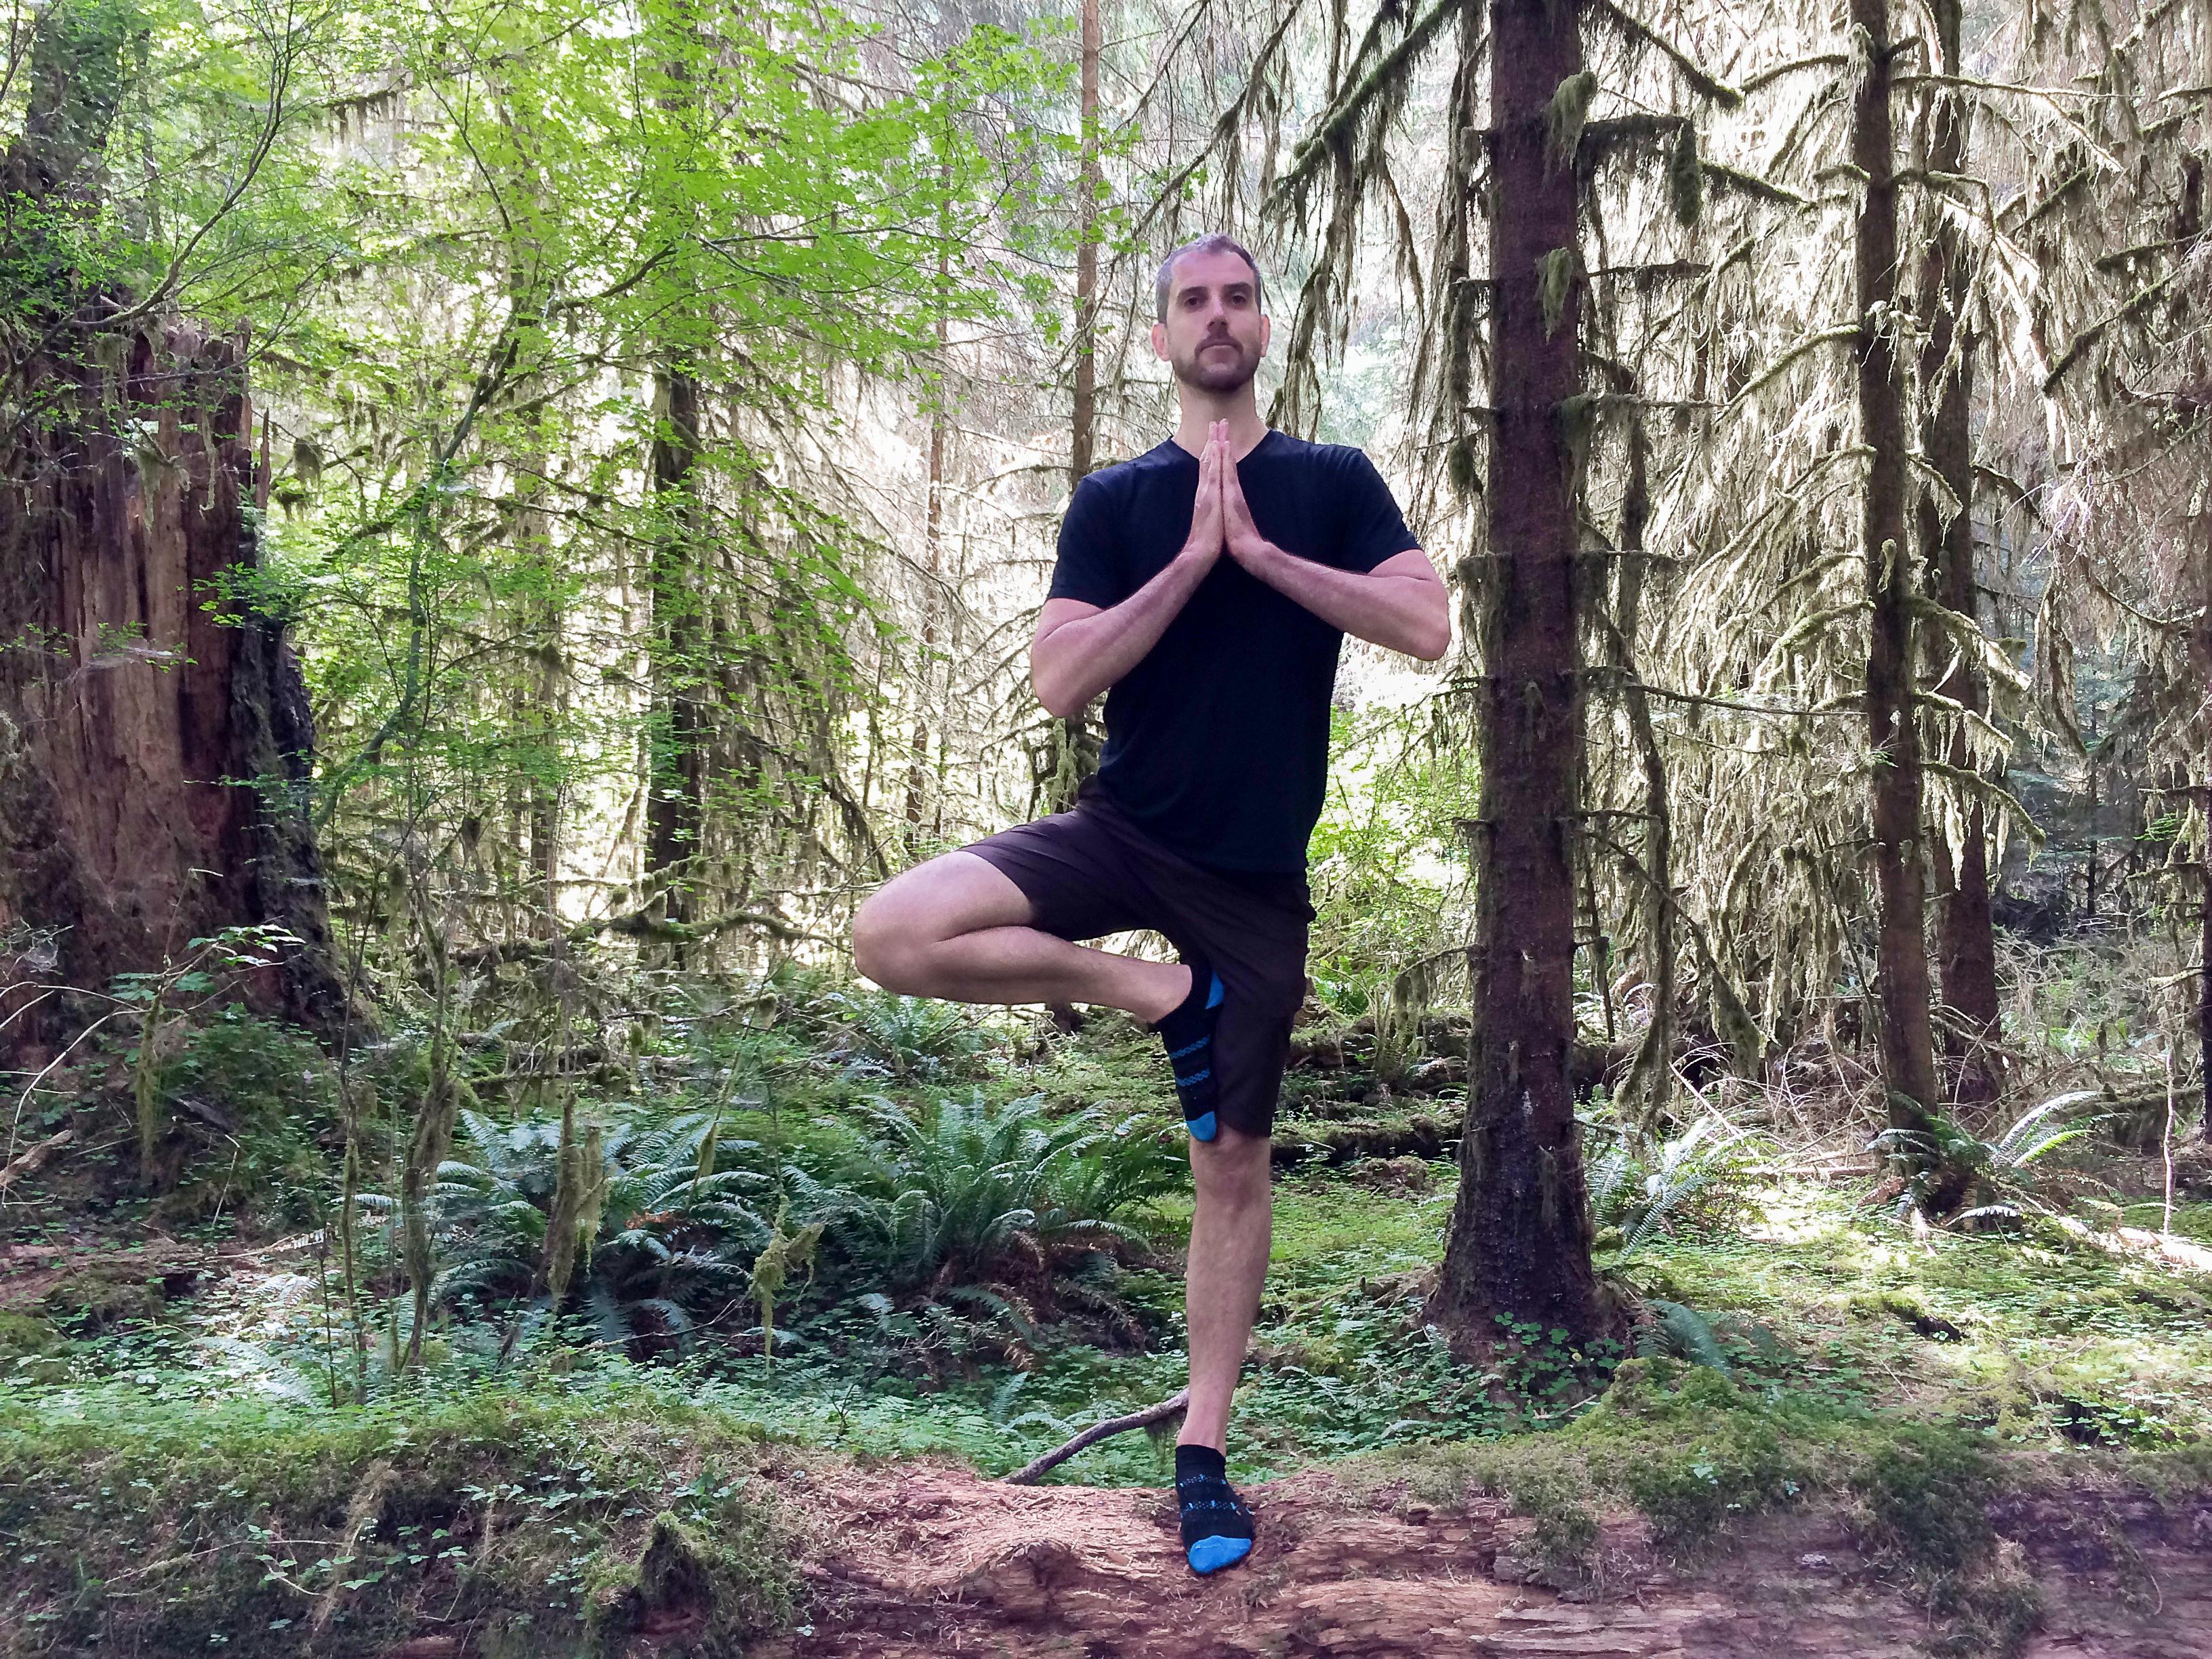 """""""Yoga är verkligen för alla, oavsett ålder, kön, funktionsnedsättningar eller religion. Alla gynnas av de positiva effekterna som yoga kan ge."""""""